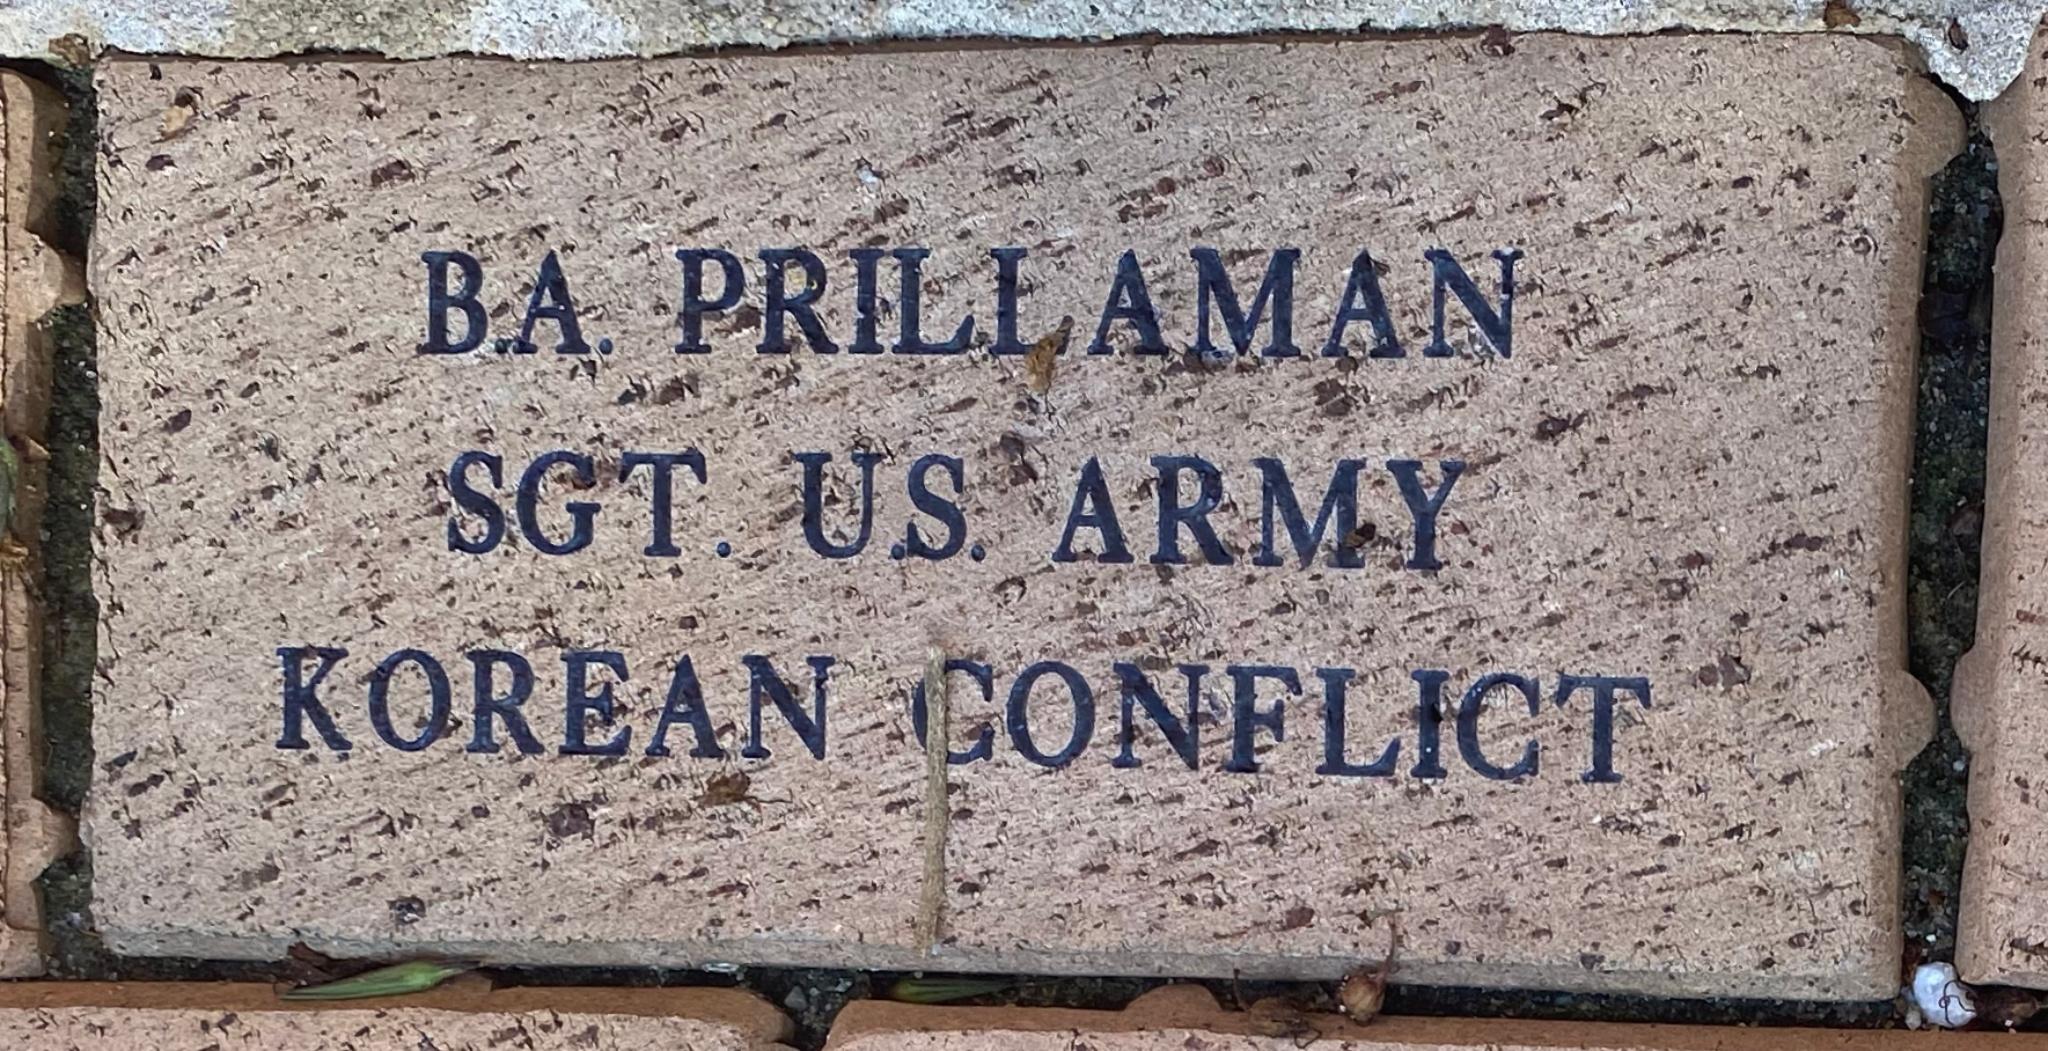 B.A. PRILLAMAN SGT. U. S. ARMY KOREAN CONFLICT